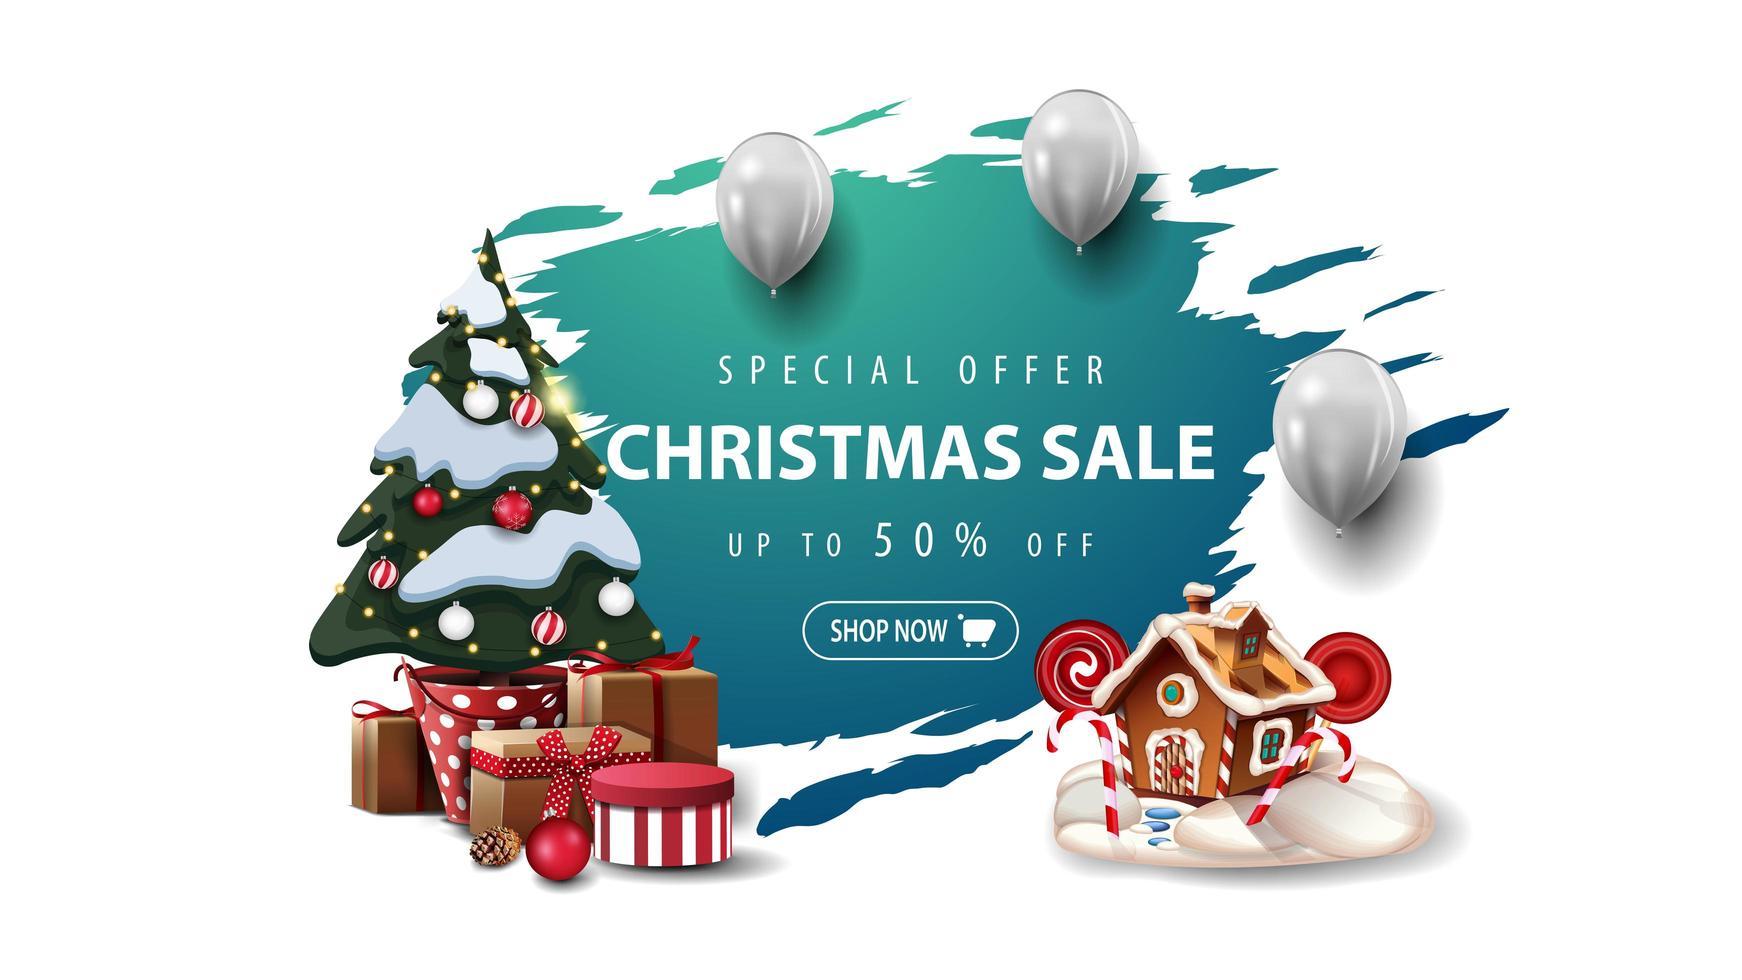 speciale aanbieding, kerstuitverkoop, tot 50 korting, banner met witte ballonnen, kerstboom in een pot met cadeaus en kerst peperkoekhuisje. blauwe gescheurde banner geïsoleerd op een witte achtergrond. vector